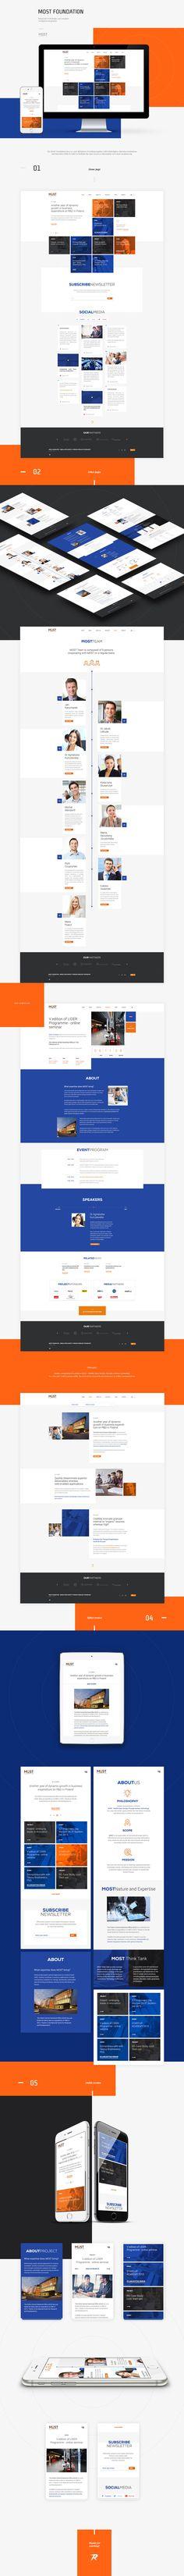 MOST on Web Design Served